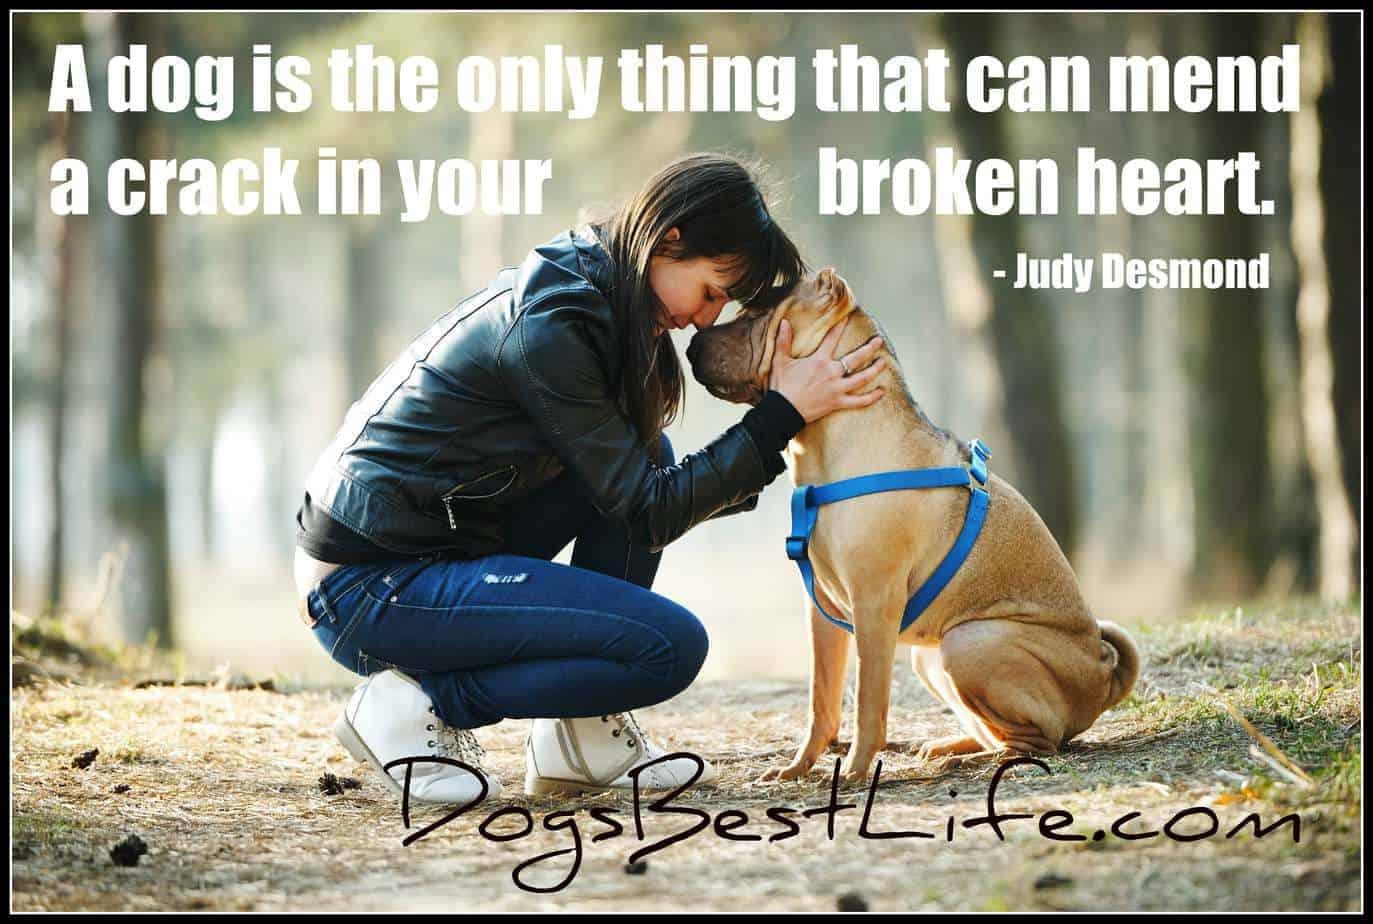 dogs mend crack in broken heart